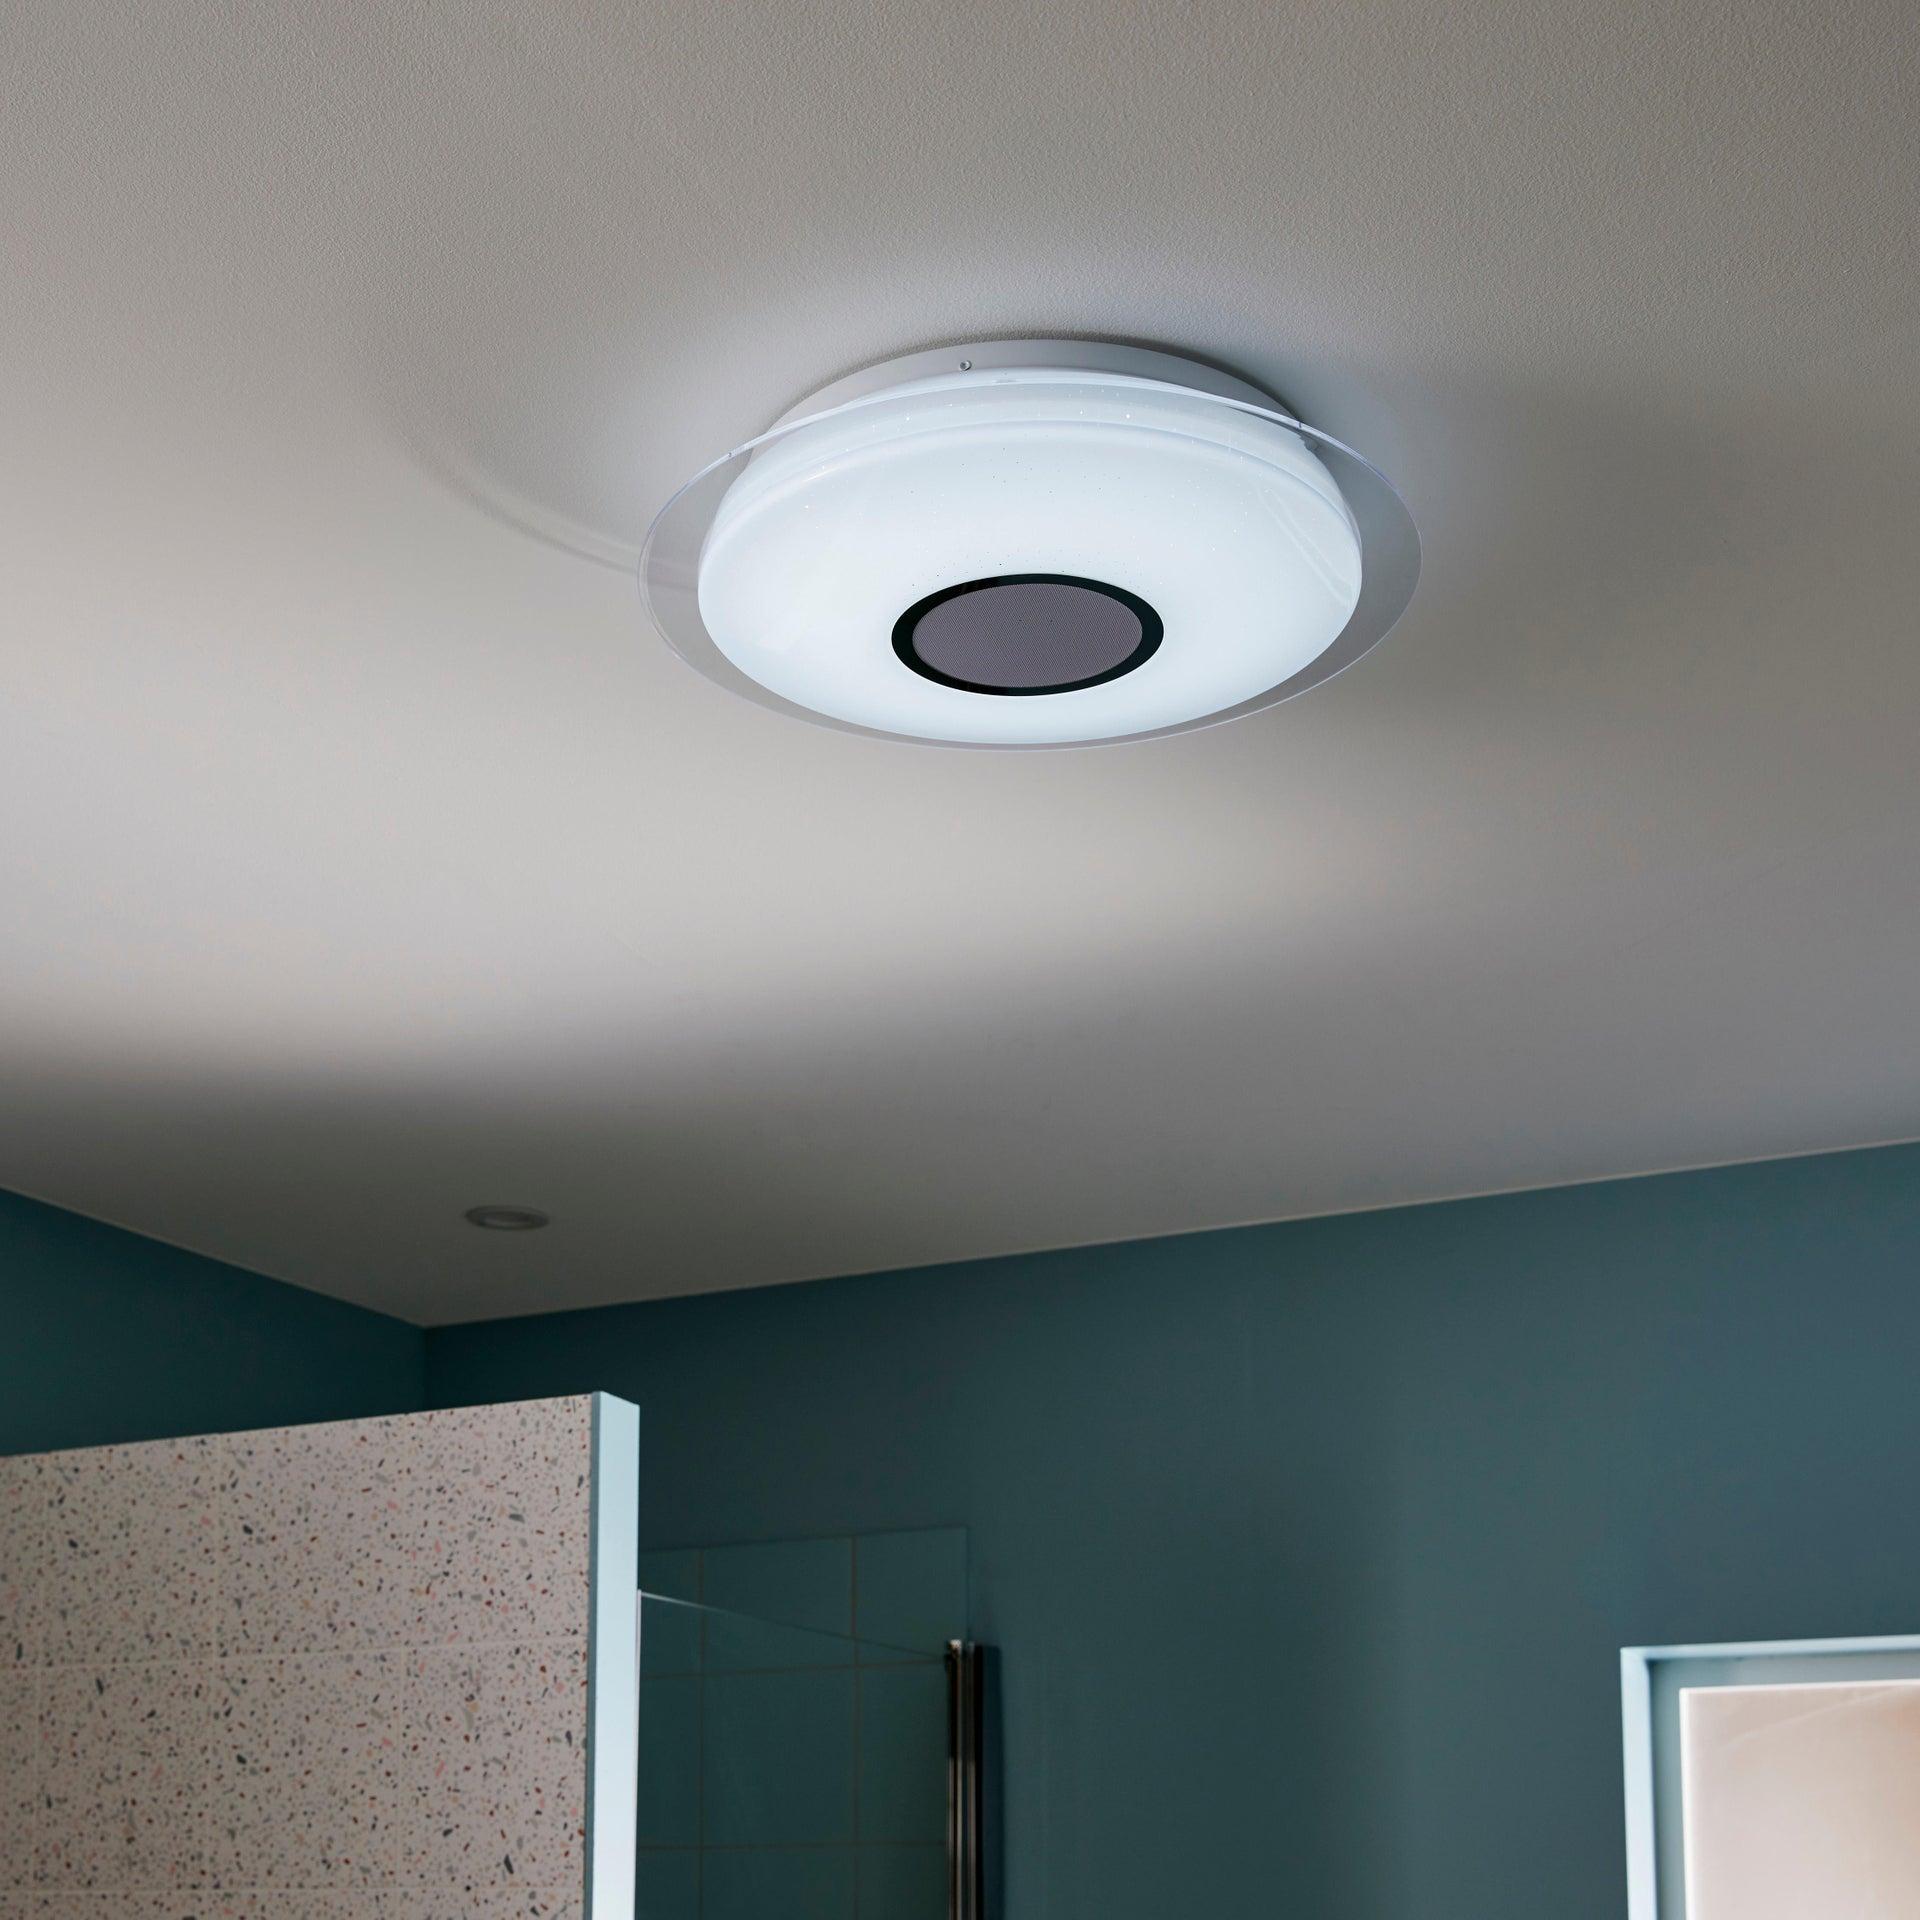 Plafoniera moderno Vizzini LED integrato bianco D. 40 cm 40x40 cm, INSPIRE - 13